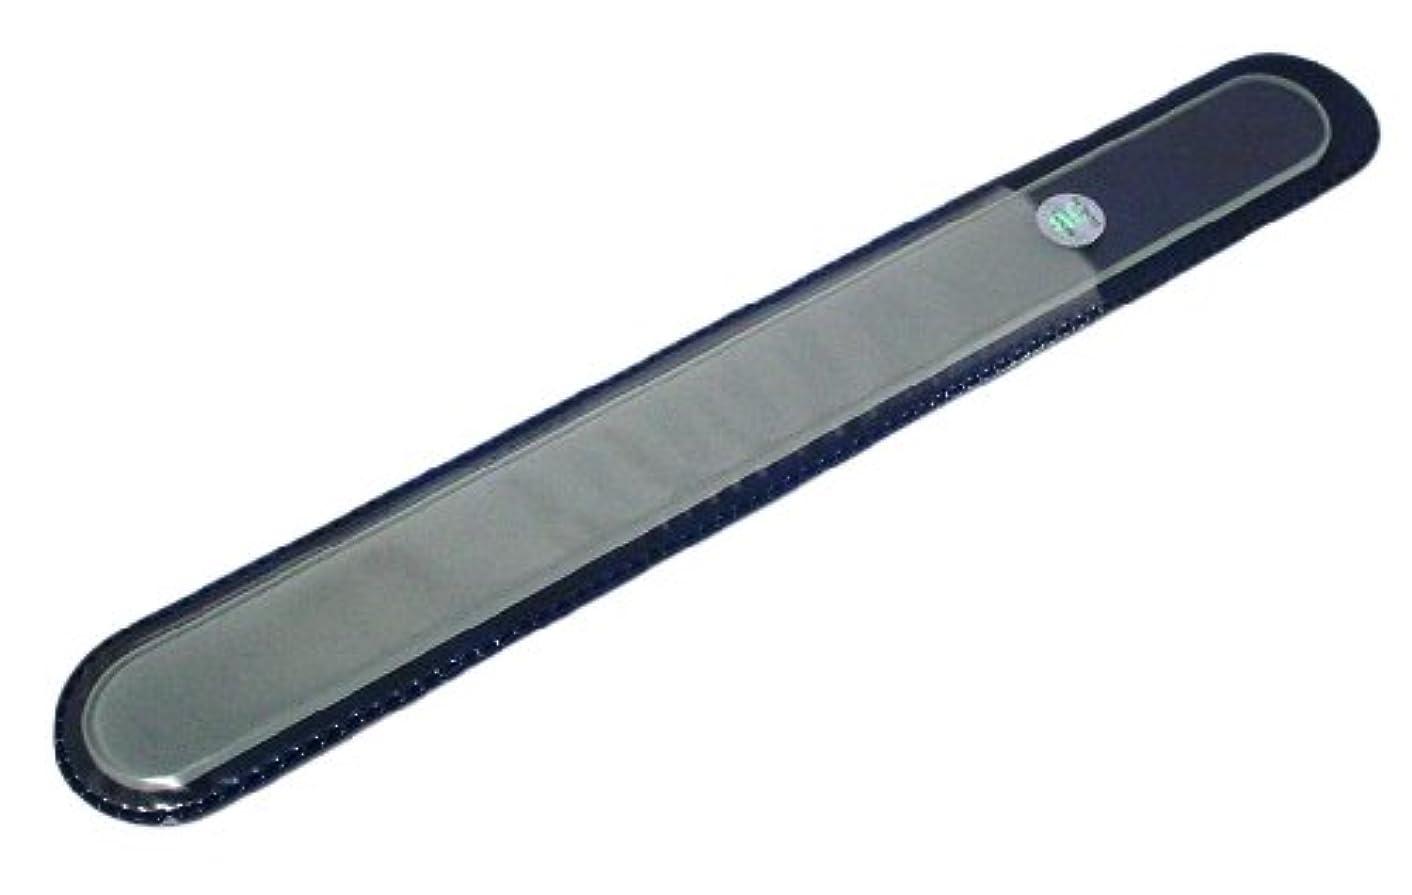 触覚バルーン拡散するBLAZEK(ブラジェク) ガラスやすり(爪?かかと用) プレーン Lサイズ200mm